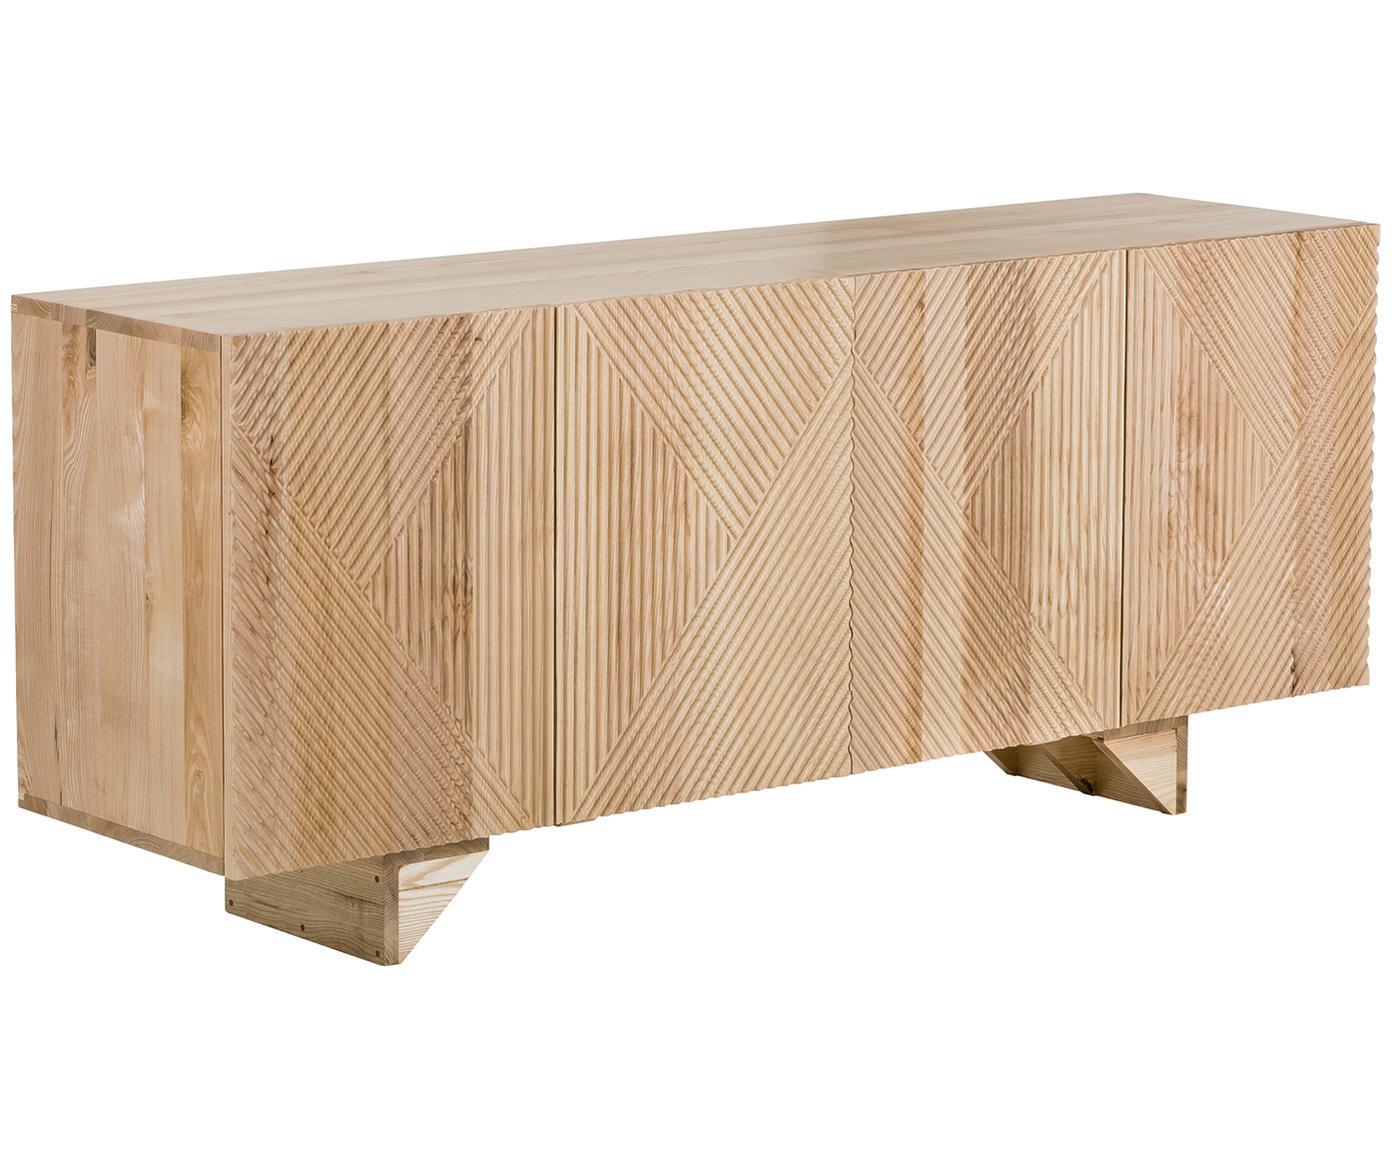 Sideboard Louis aus Massivholz, Massives Mangoholz, lackiert, Eschenholz, 177 x 75 cm